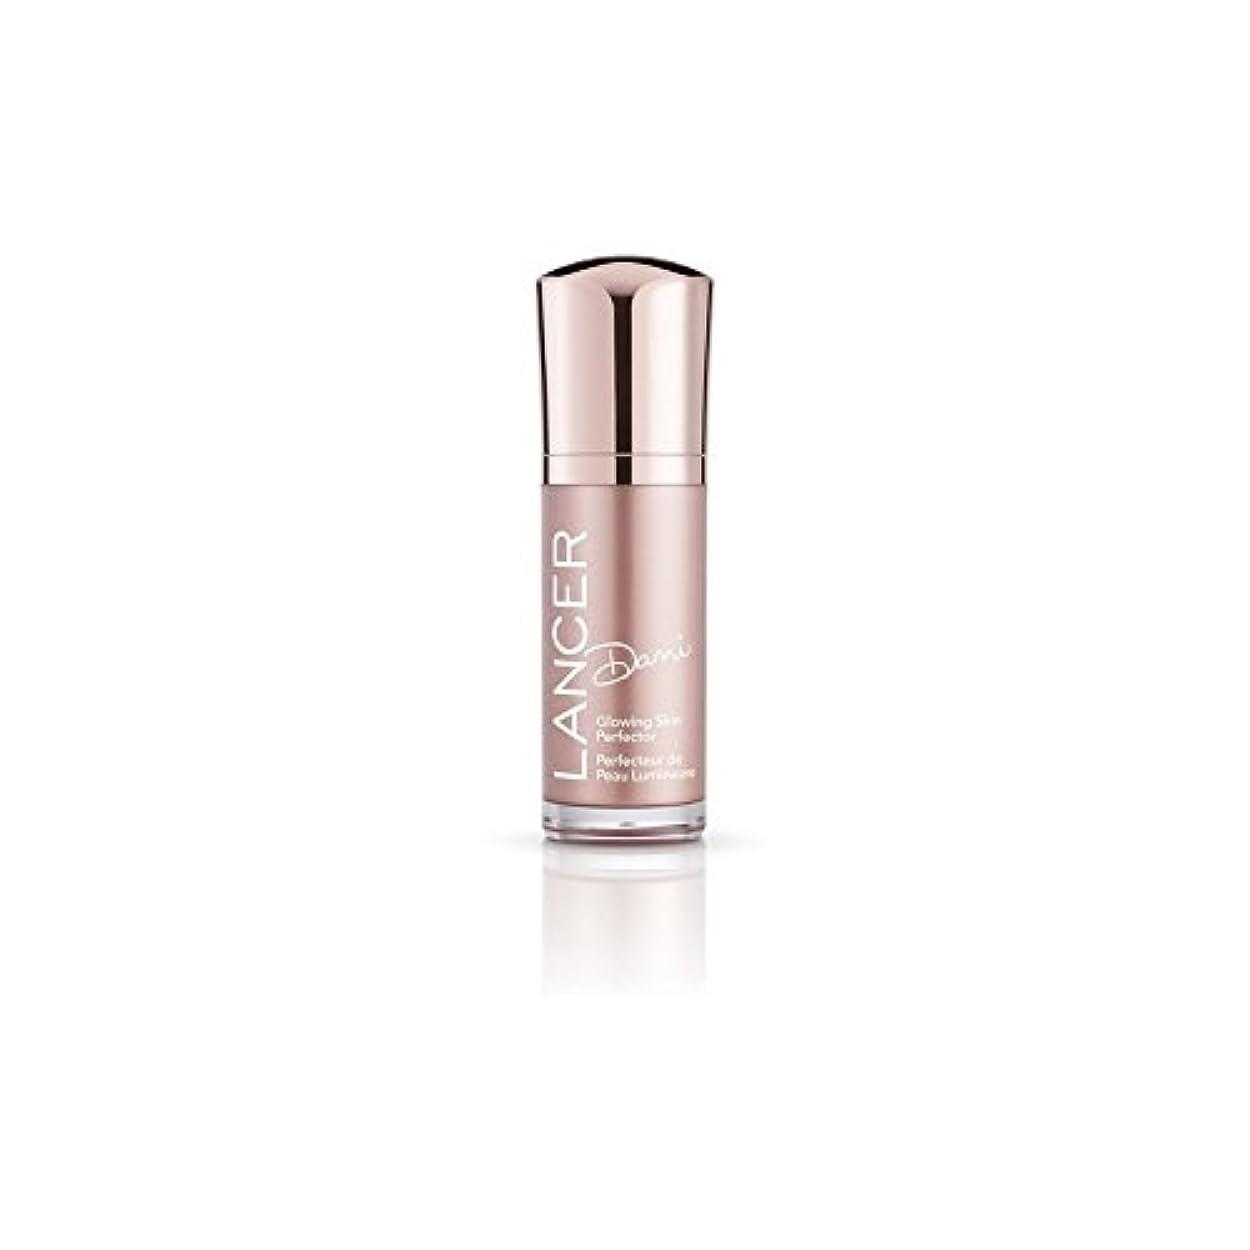 ロケーションシステム舌スキンパーフェク輝くランサースキンケアダニ(30ミリリットル) x2 - Lancer Skincare Dani Glowing Skin Perfector (30ml) (Pack of 2) [並行輸入品]